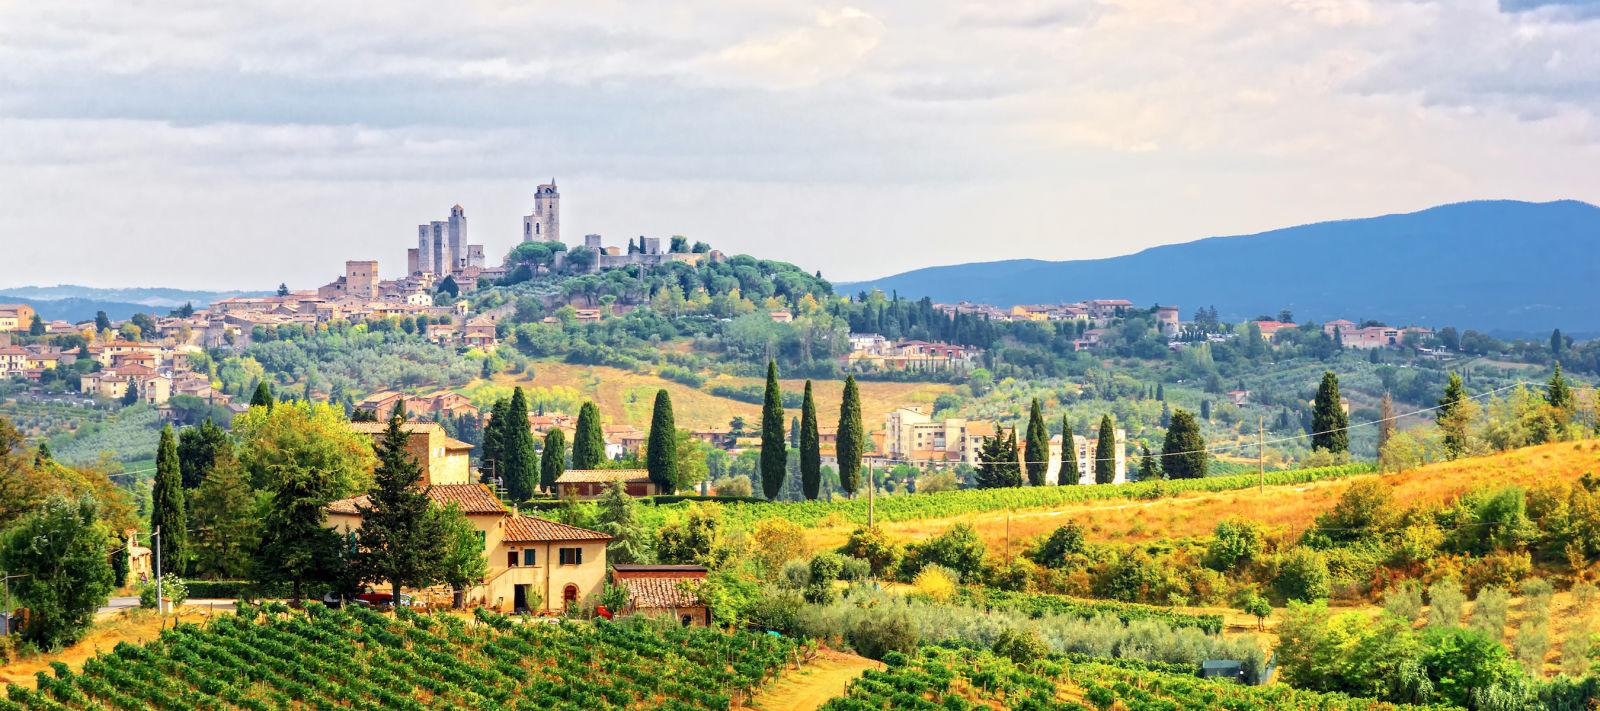 Landschaft der Toskana